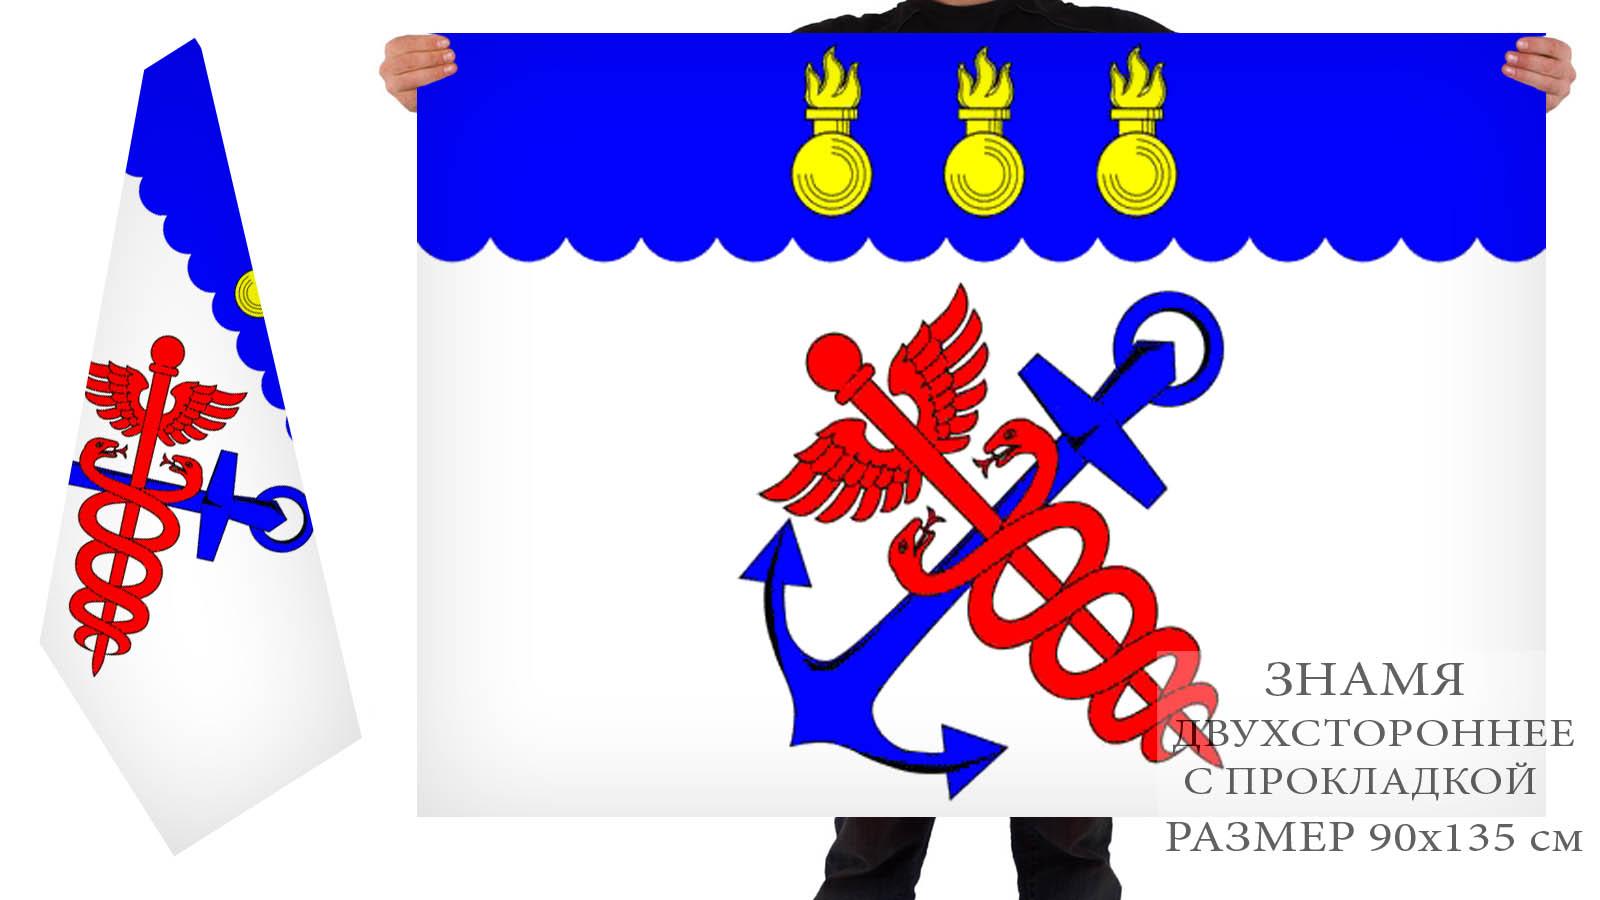 Двусторонний флаг внутригородского муниципального образования муниципальный округ Морские ворота